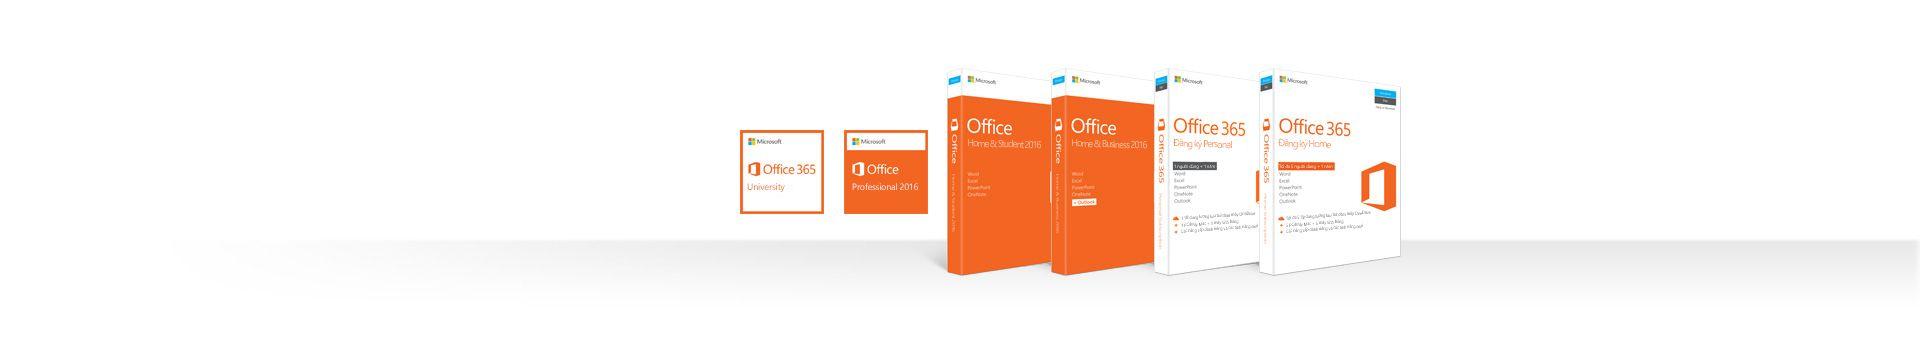 Một hàng hộp đại diện cho đăng ký Office và các sản phẩm độc lập cho PC